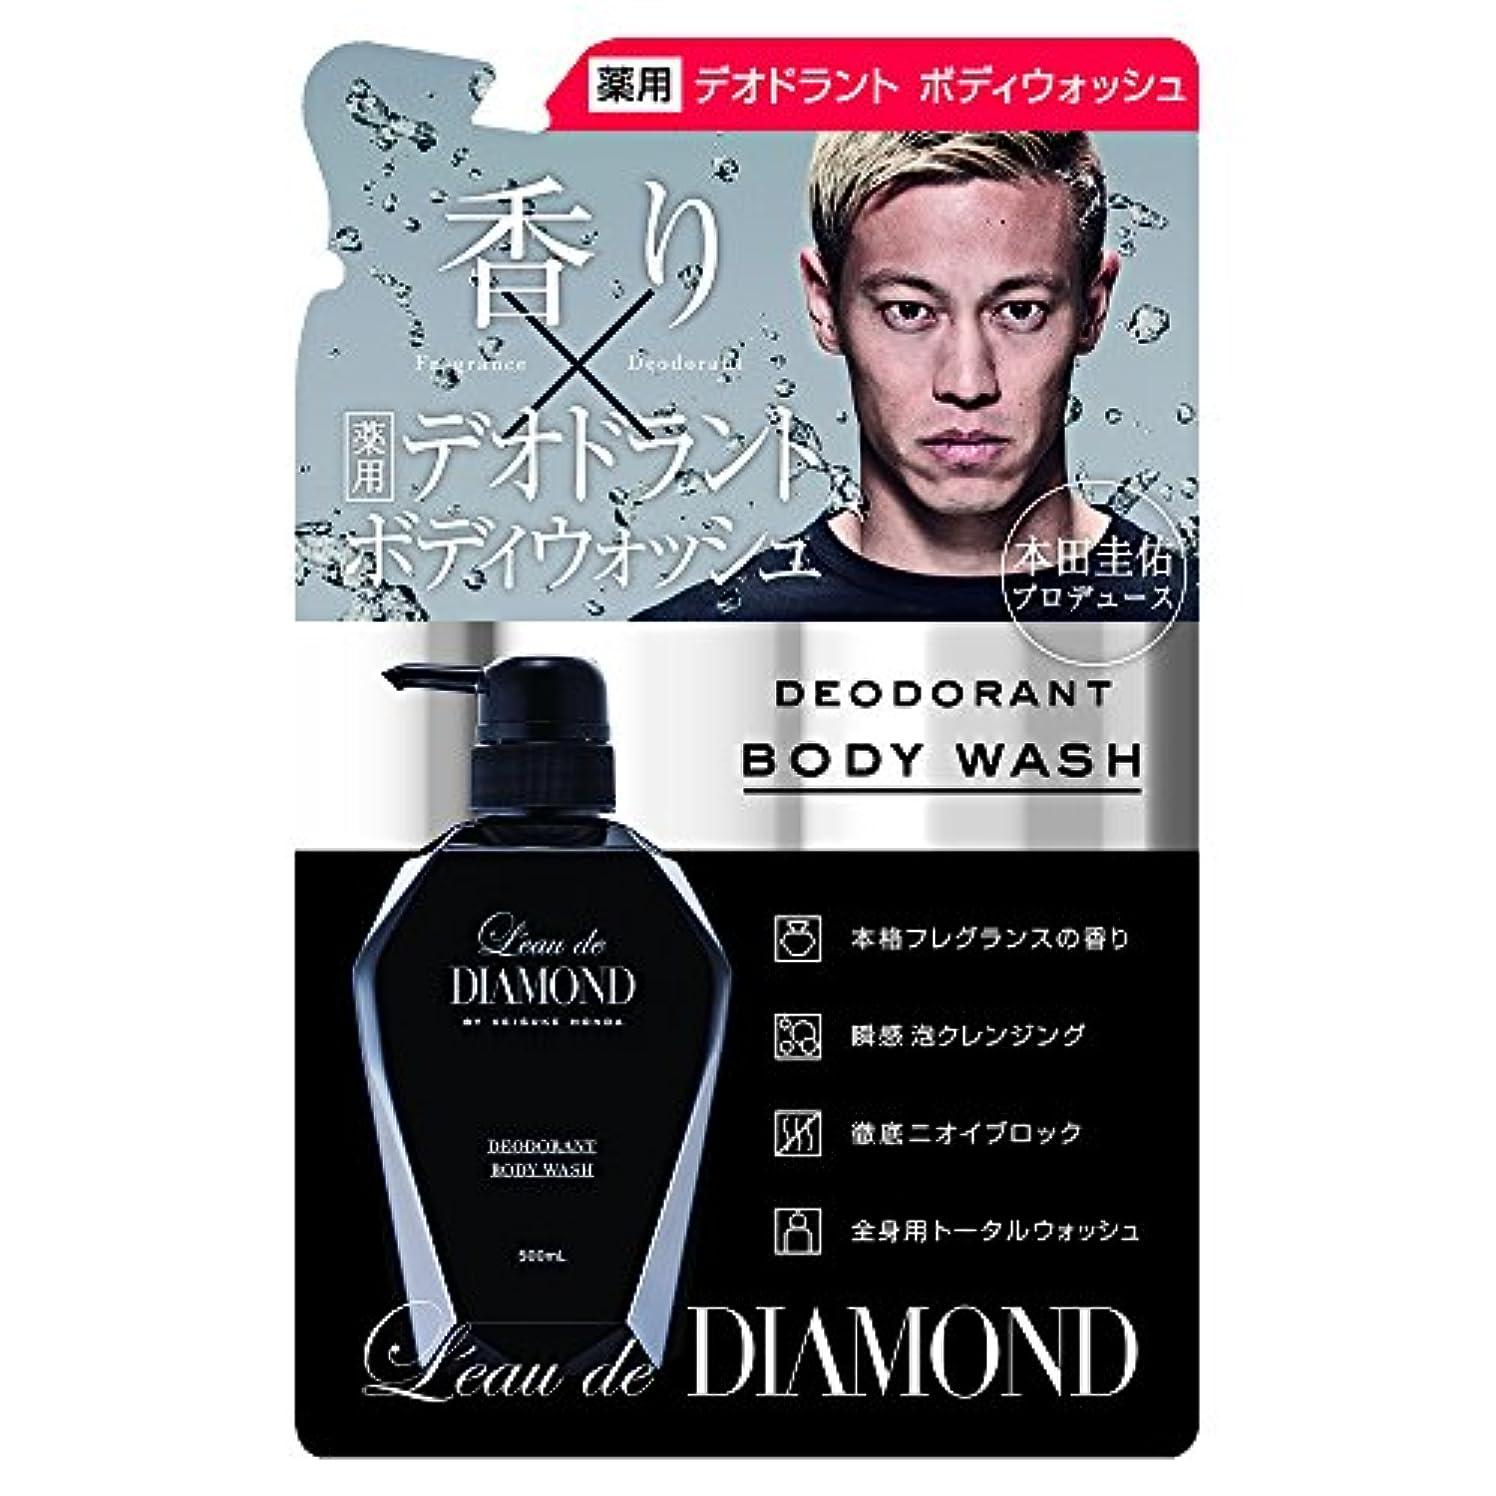 関数水を飲むそれるロードダイアモンド 薬用デオドラントボディウォッシュ レフィル 430ml